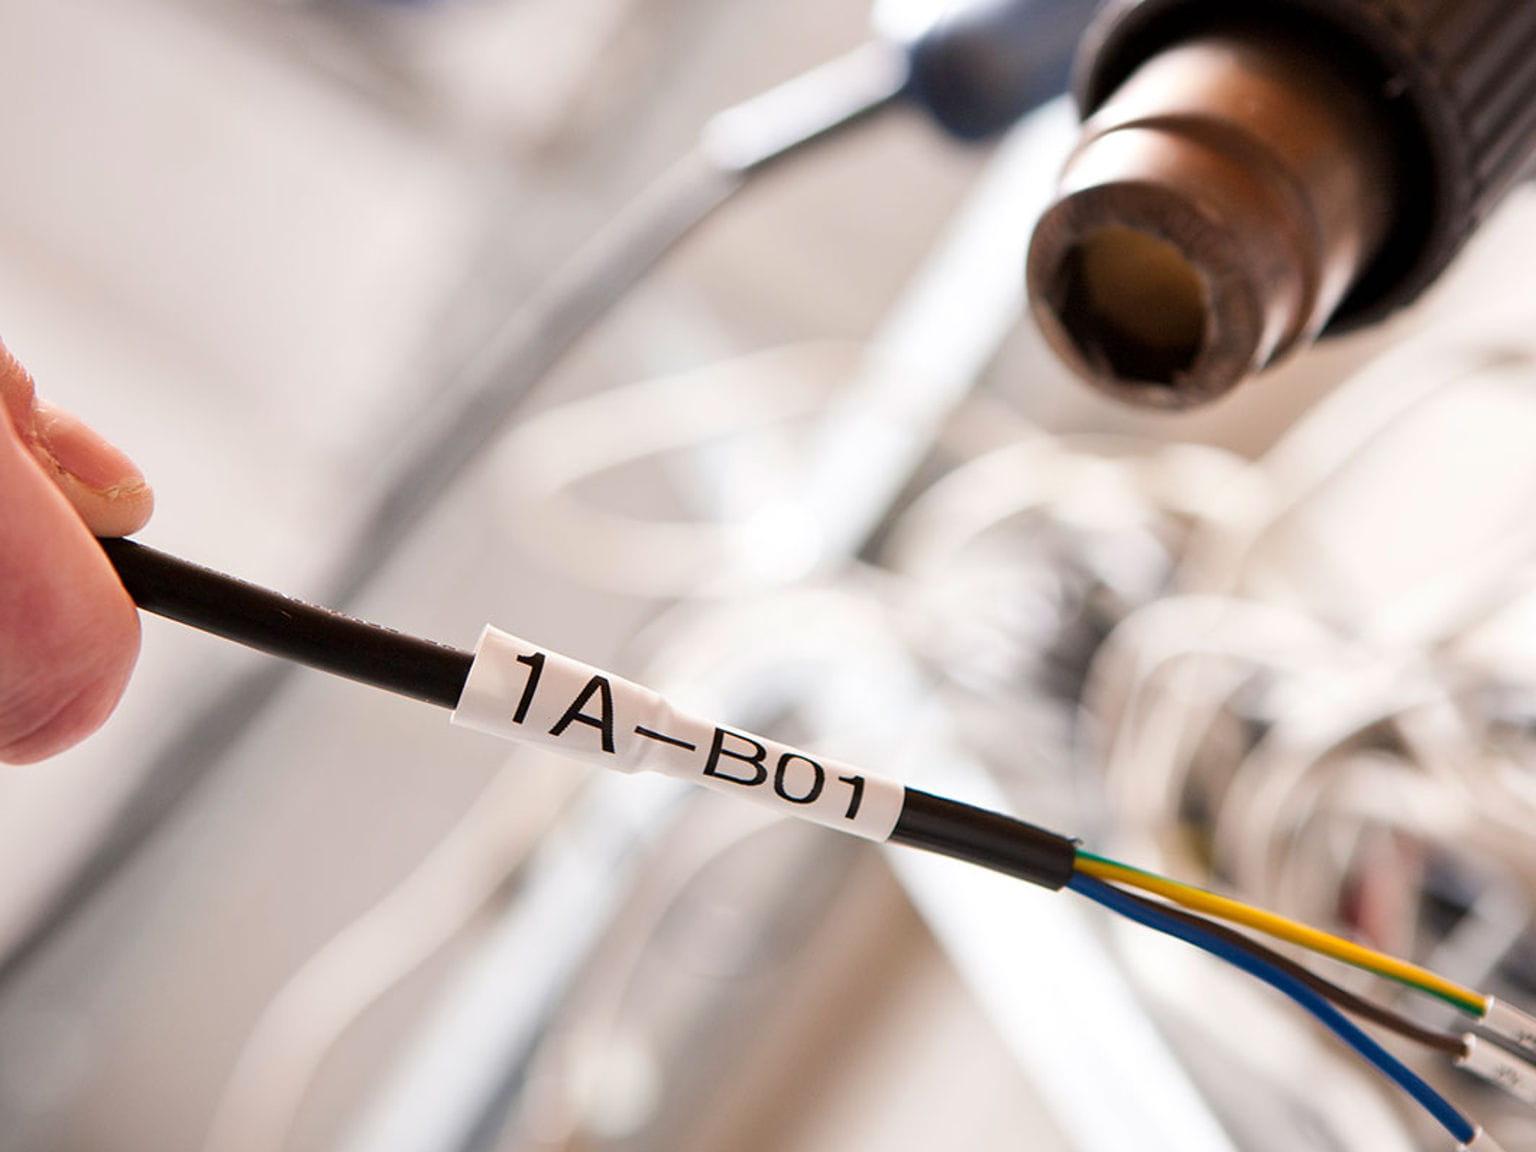 Etiquetas para cabos